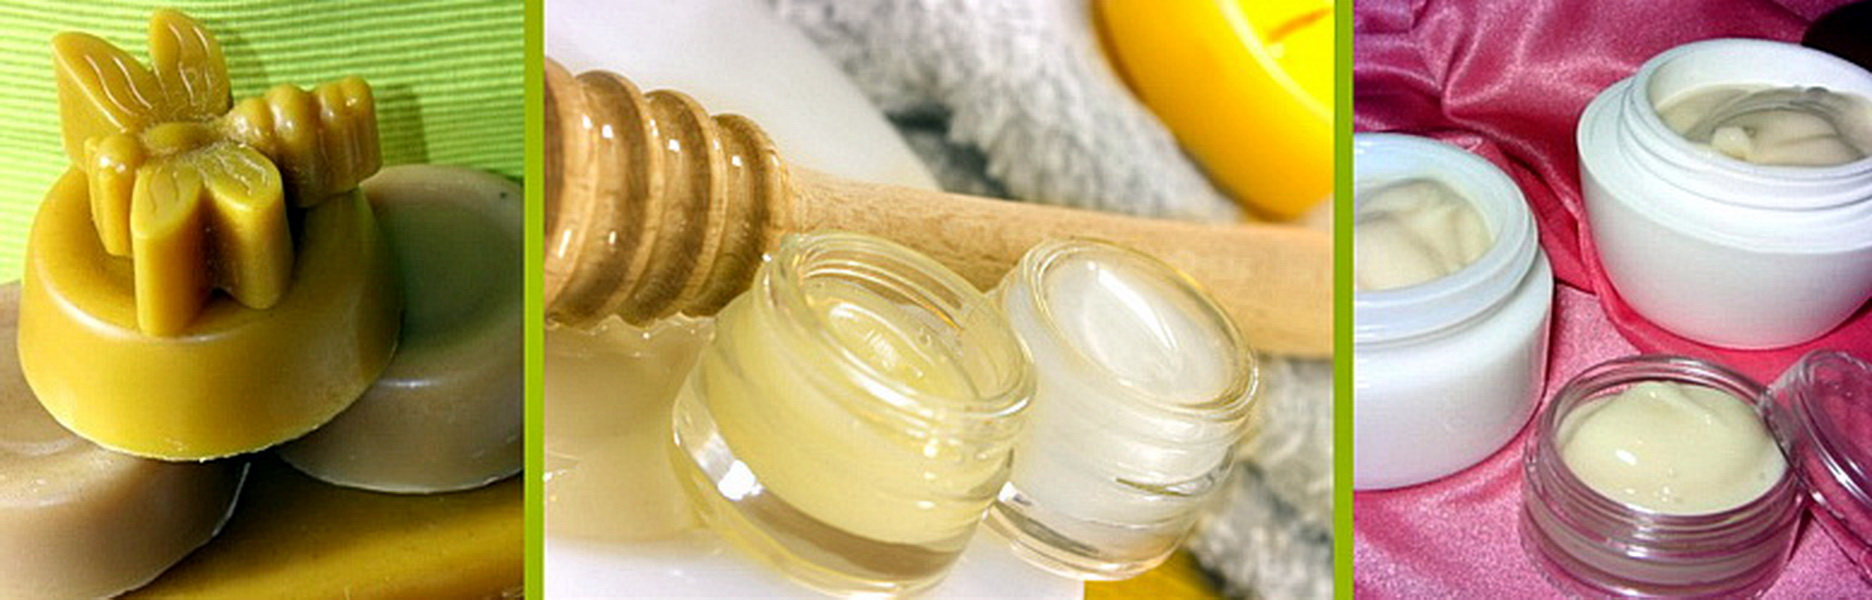 Рецепт крема в домашних условиях с воском 434